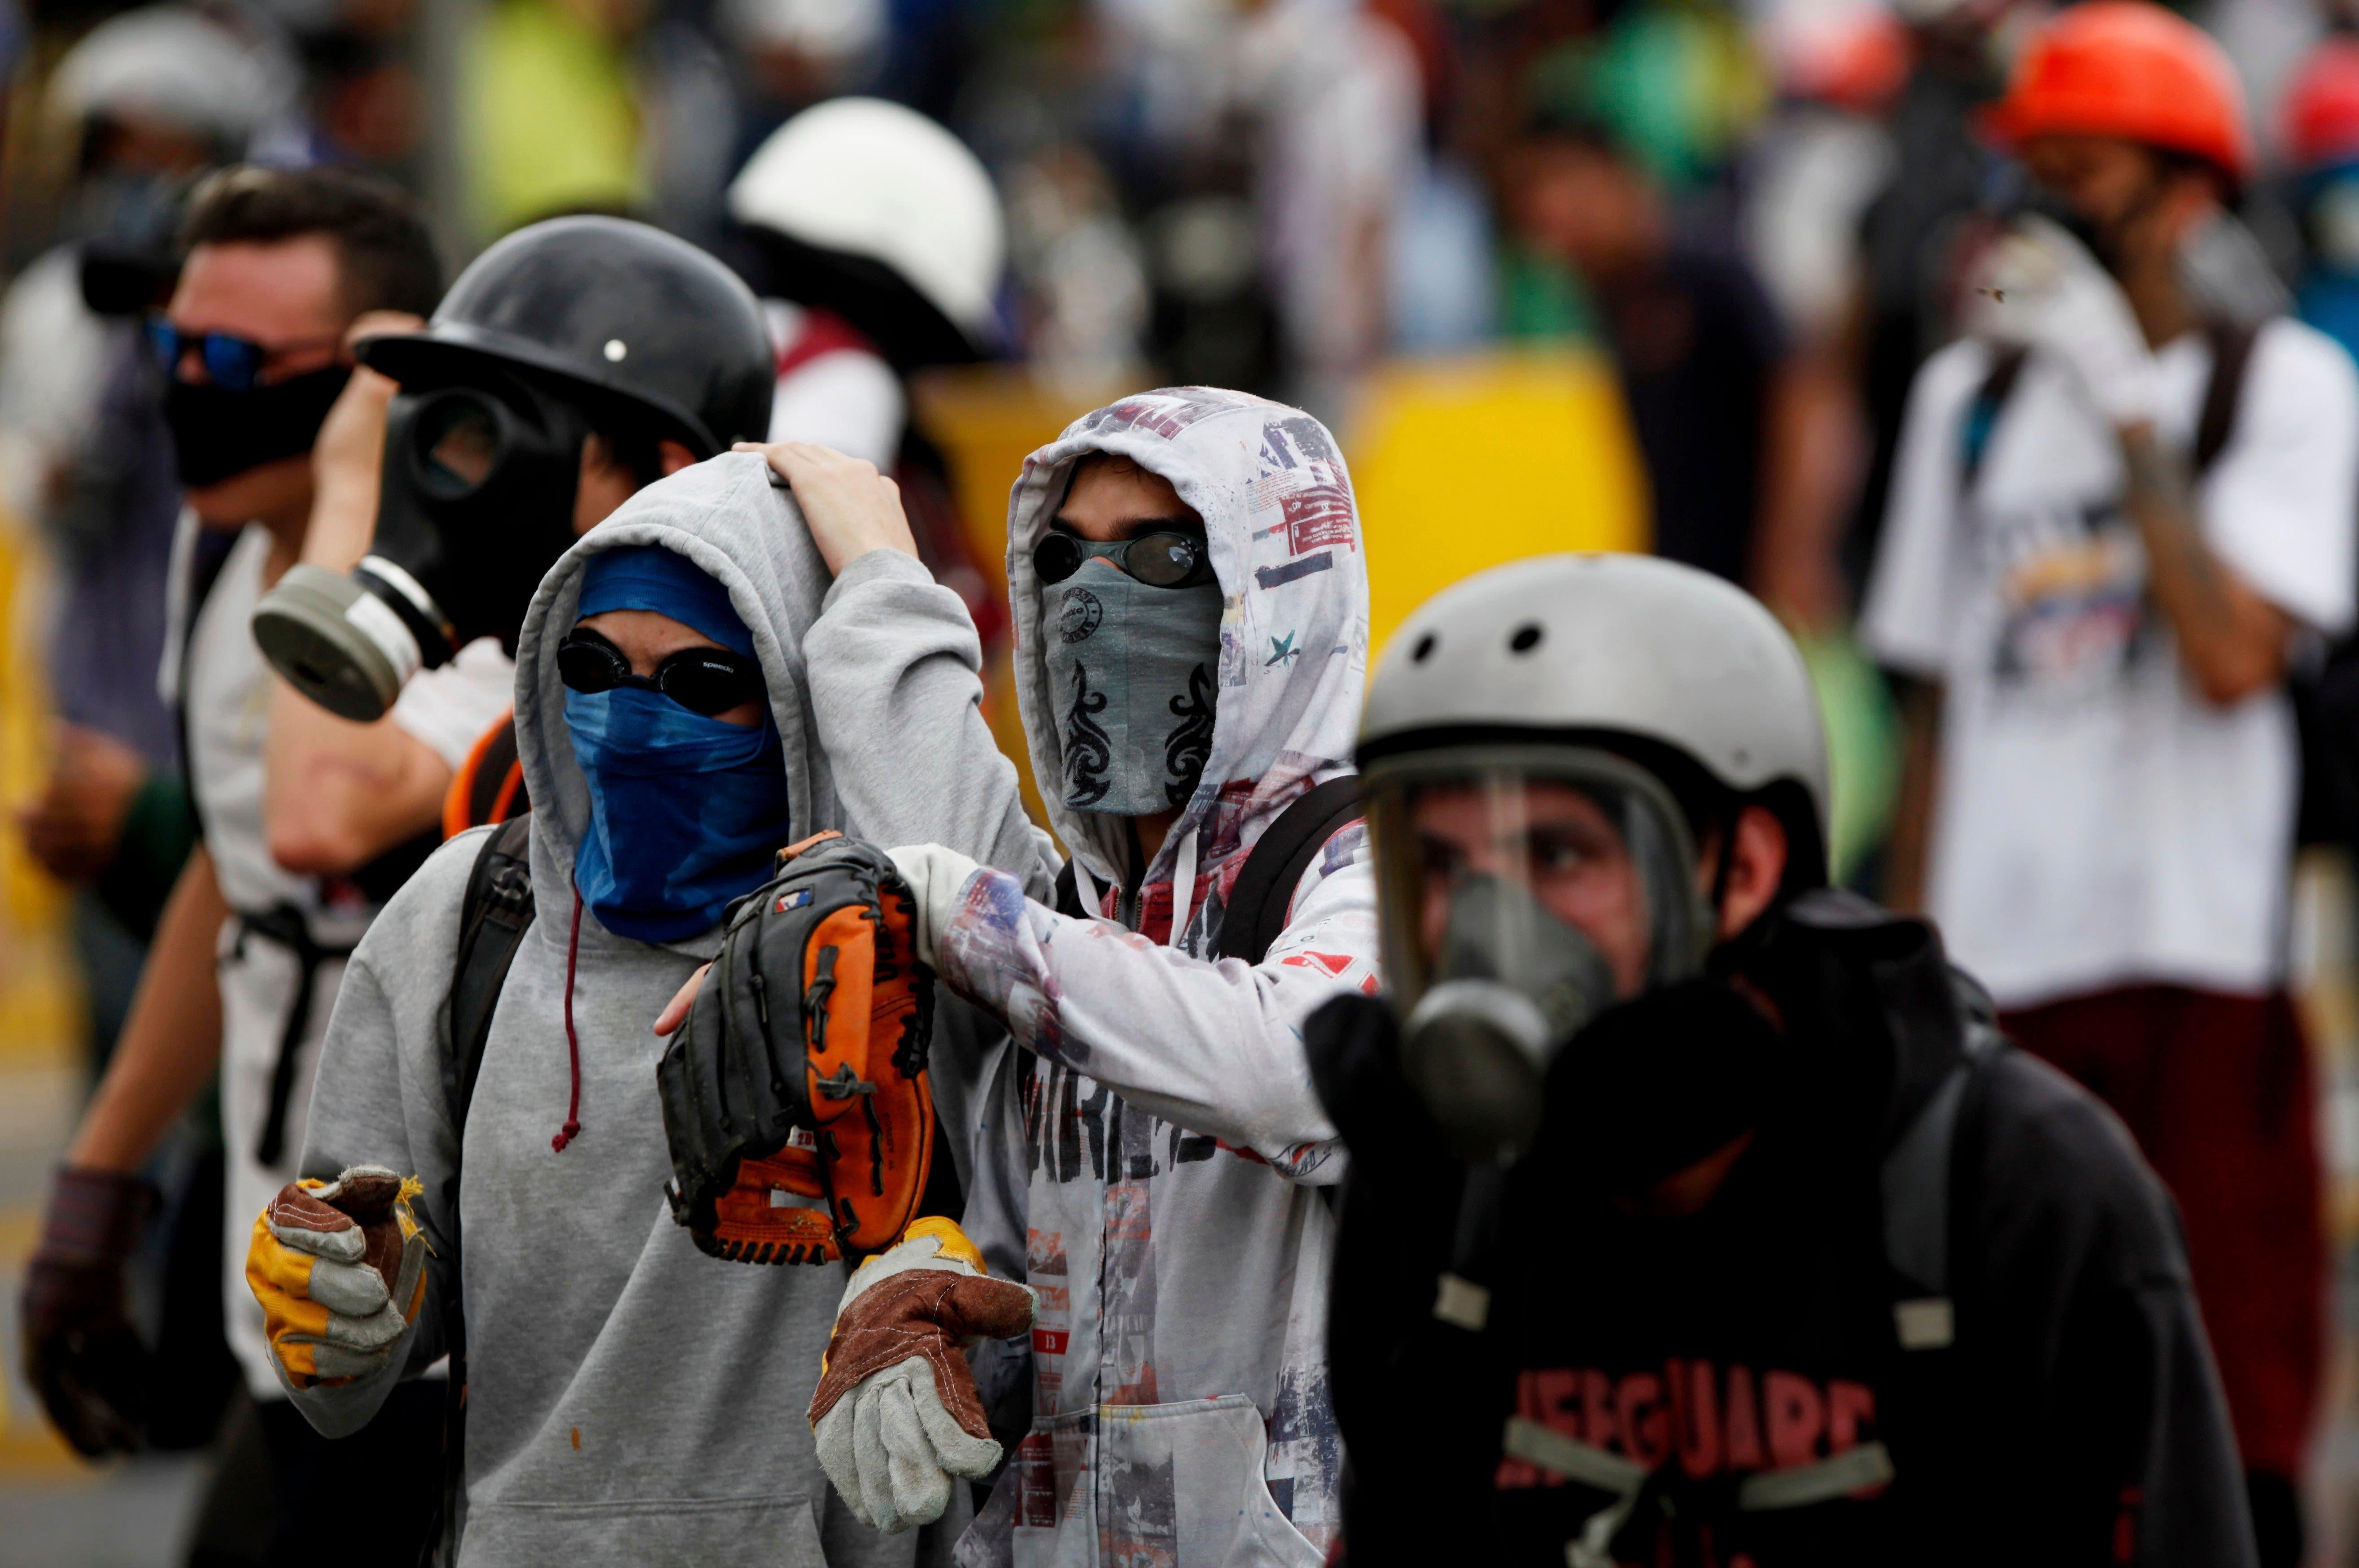 La ONU condena ataque al Parlamento venezolano y pide investigación imparcial